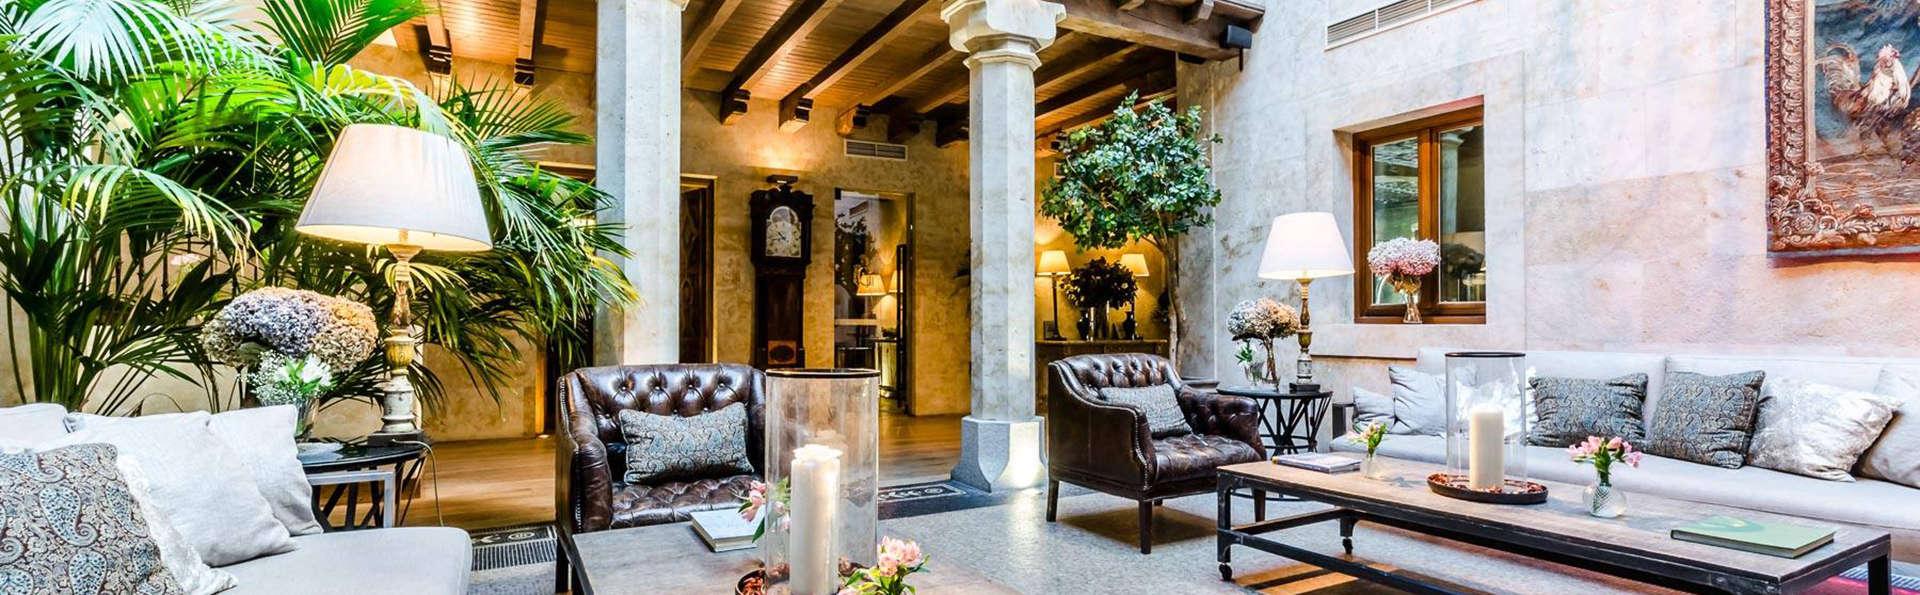 Oferta Especial: Escapada con Spa y lujo en Salamanca